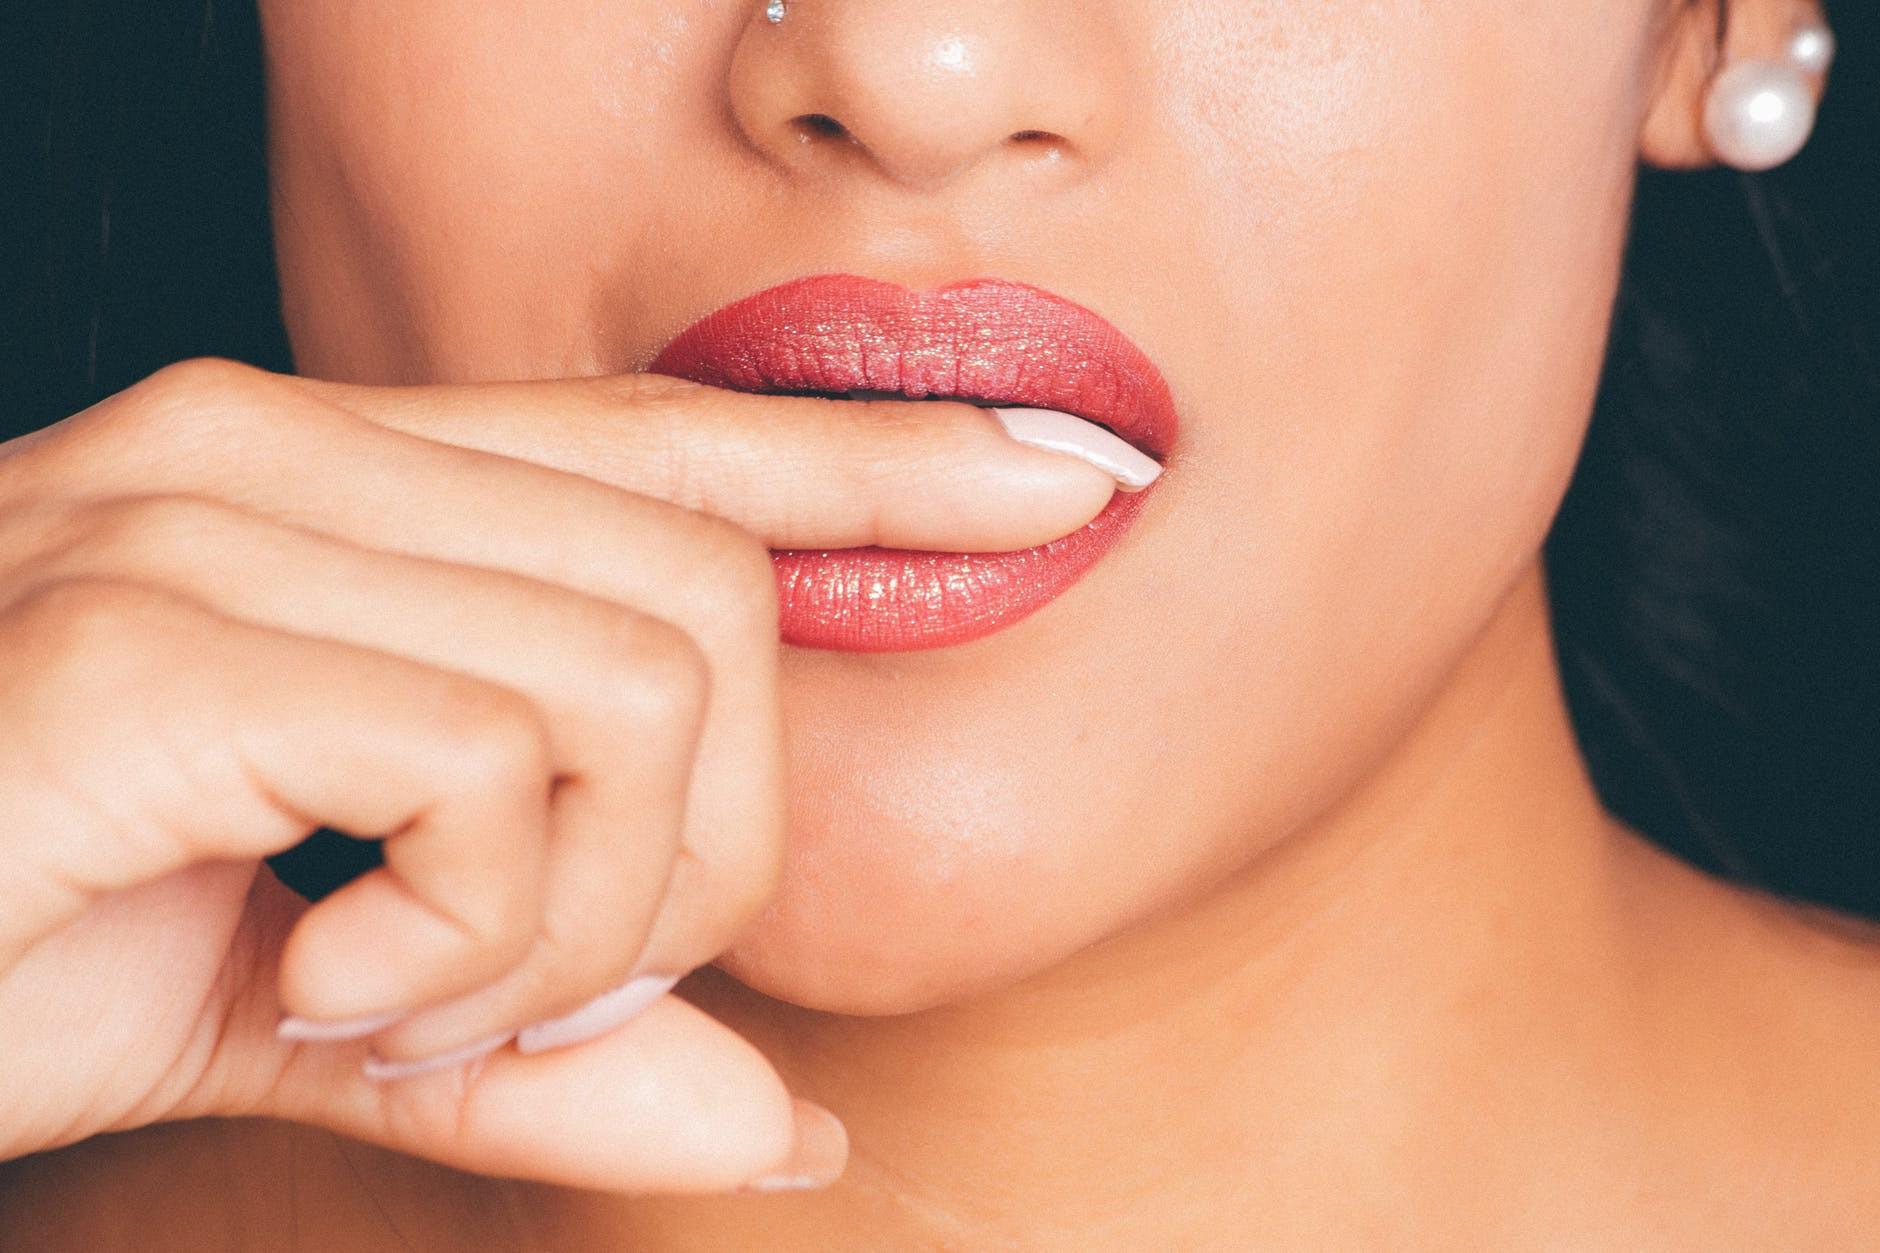 Mùi hôi trên cơ thể đang ngầm tiết lộ điều gì về sức khỏe của bạn? - Ảnh 1.